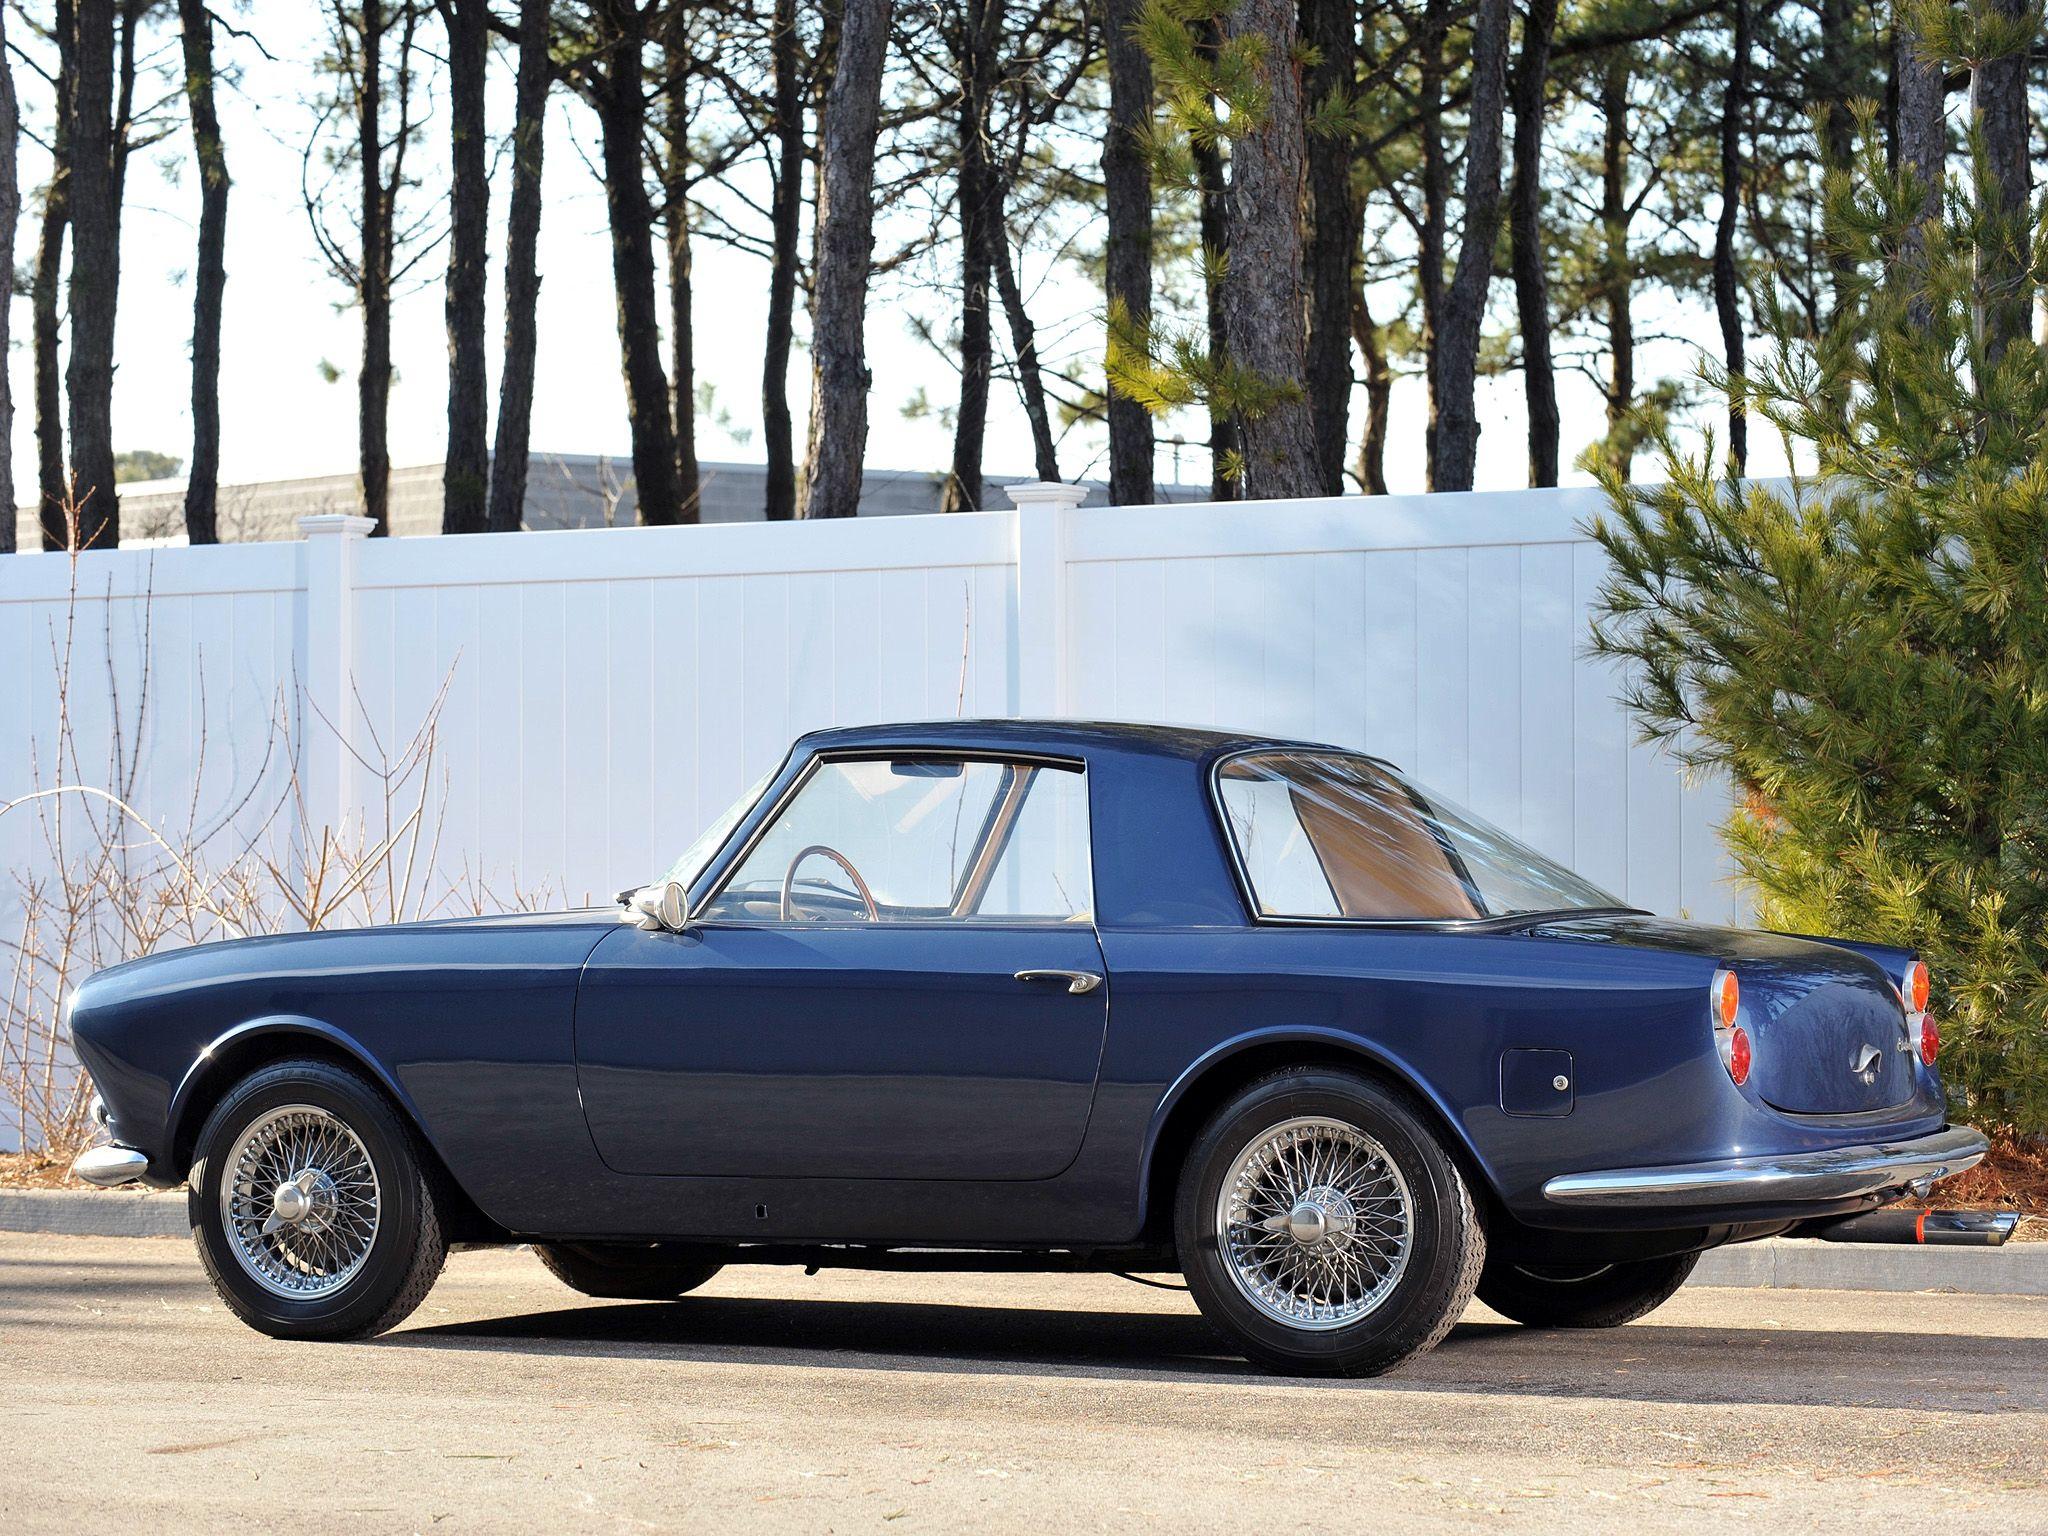 1961 Cisitalia DF85 Coupe by Fissore Cars to admire